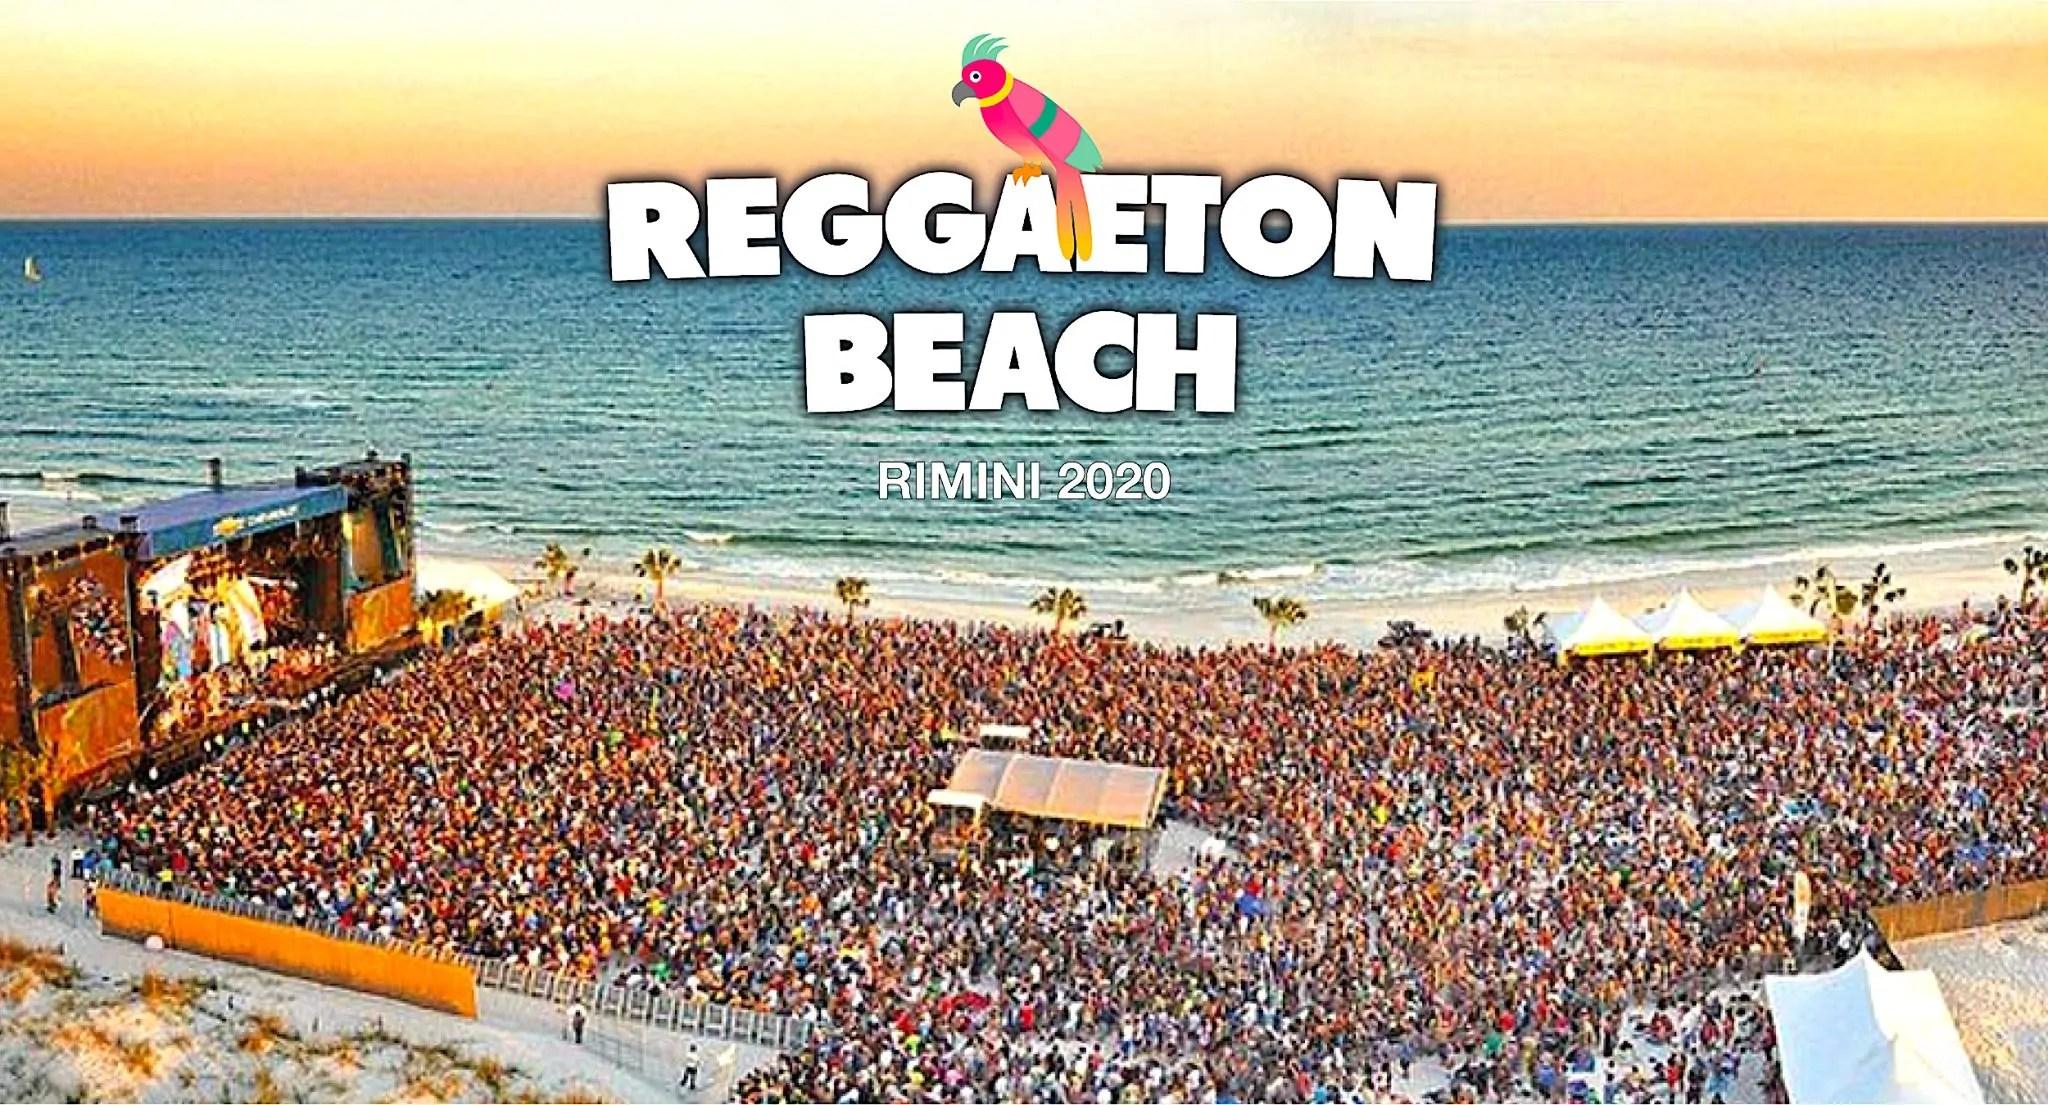 Reggaeton Beach Festival Rimini Beach Arena 2020 31 Luglio [ Evento Annullato ]